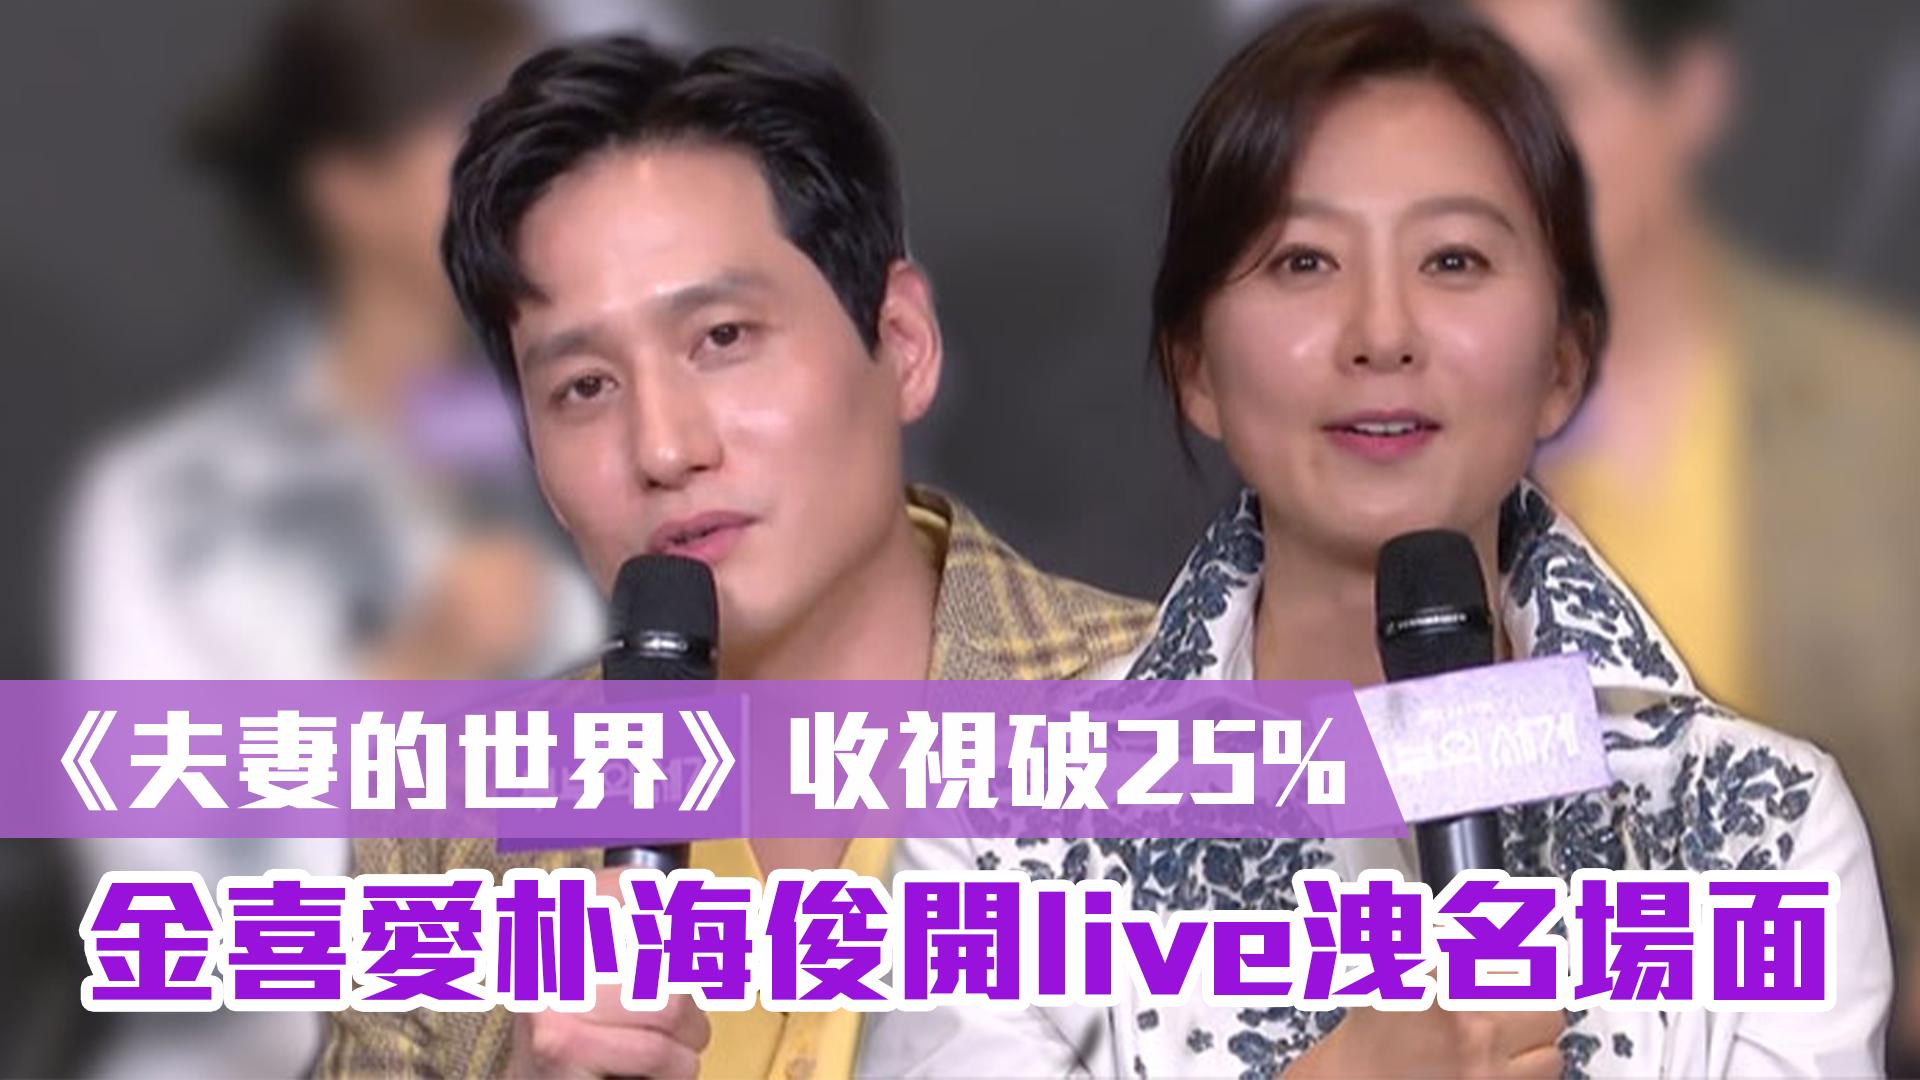 《夫妻的世界》收視破25% 金喜愛朴海俊開live洩名場面